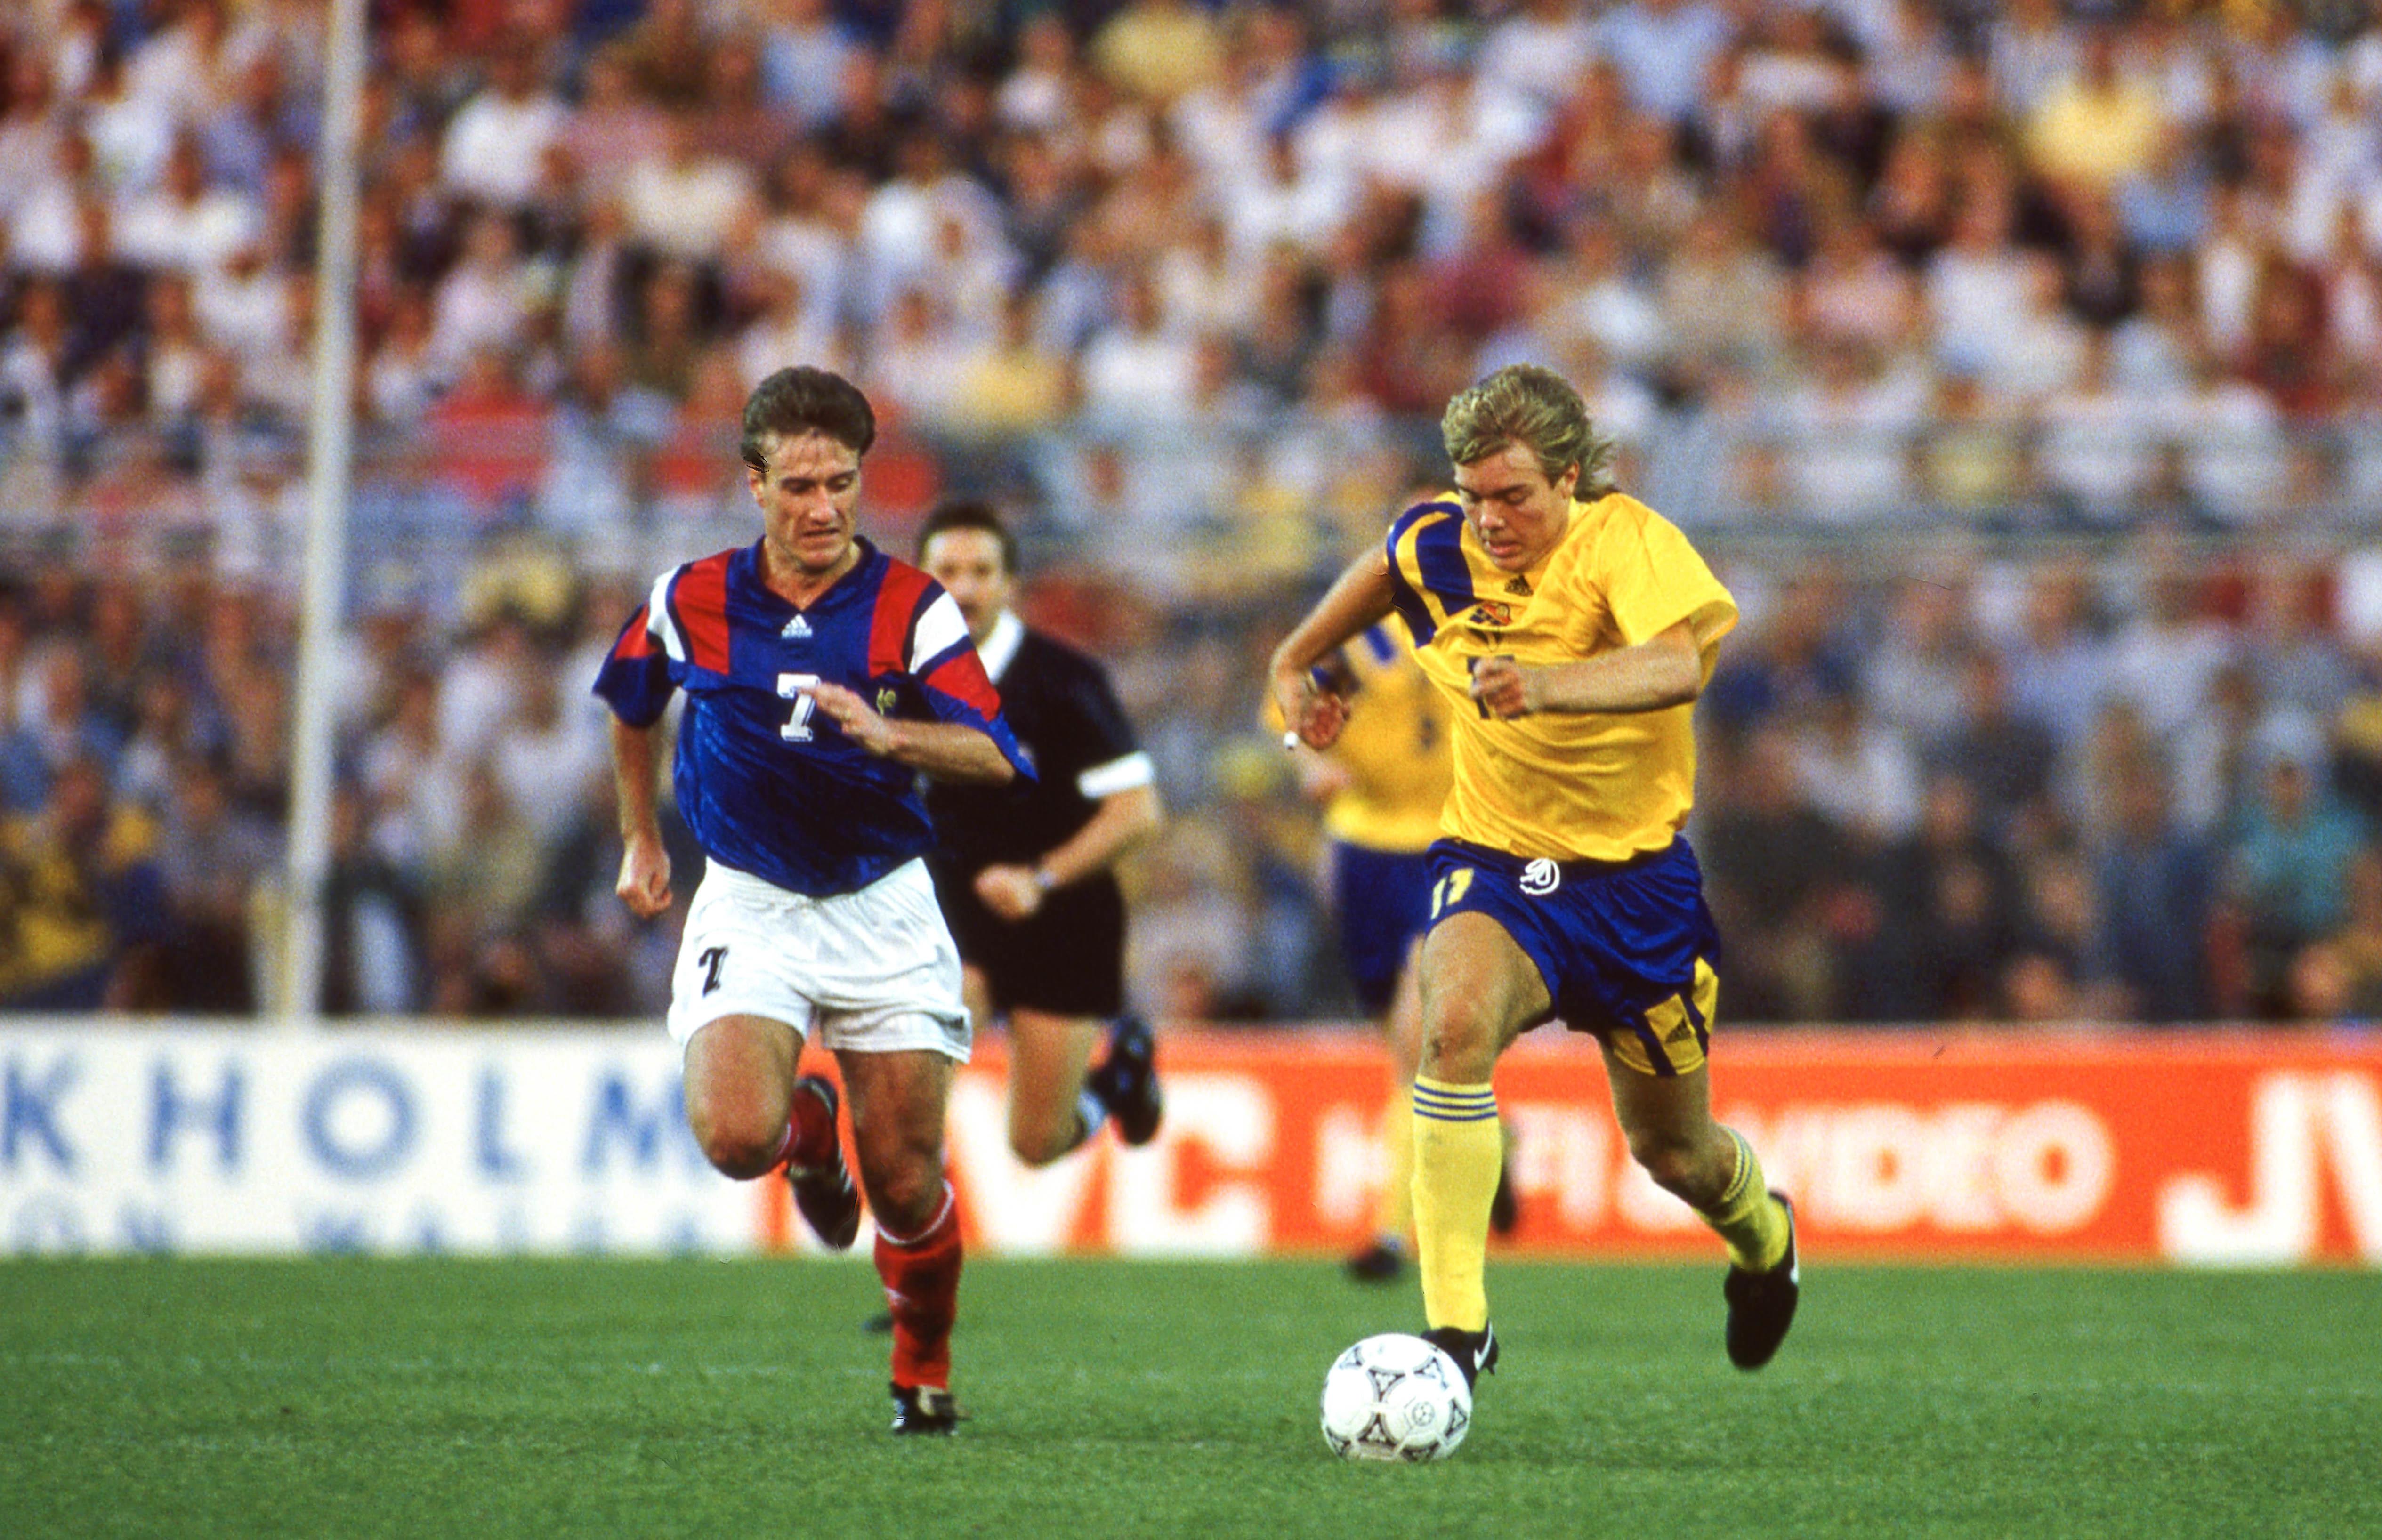 Thomas Brolin au duel avec un certain Didier Deschamps, à l'Euro 1992